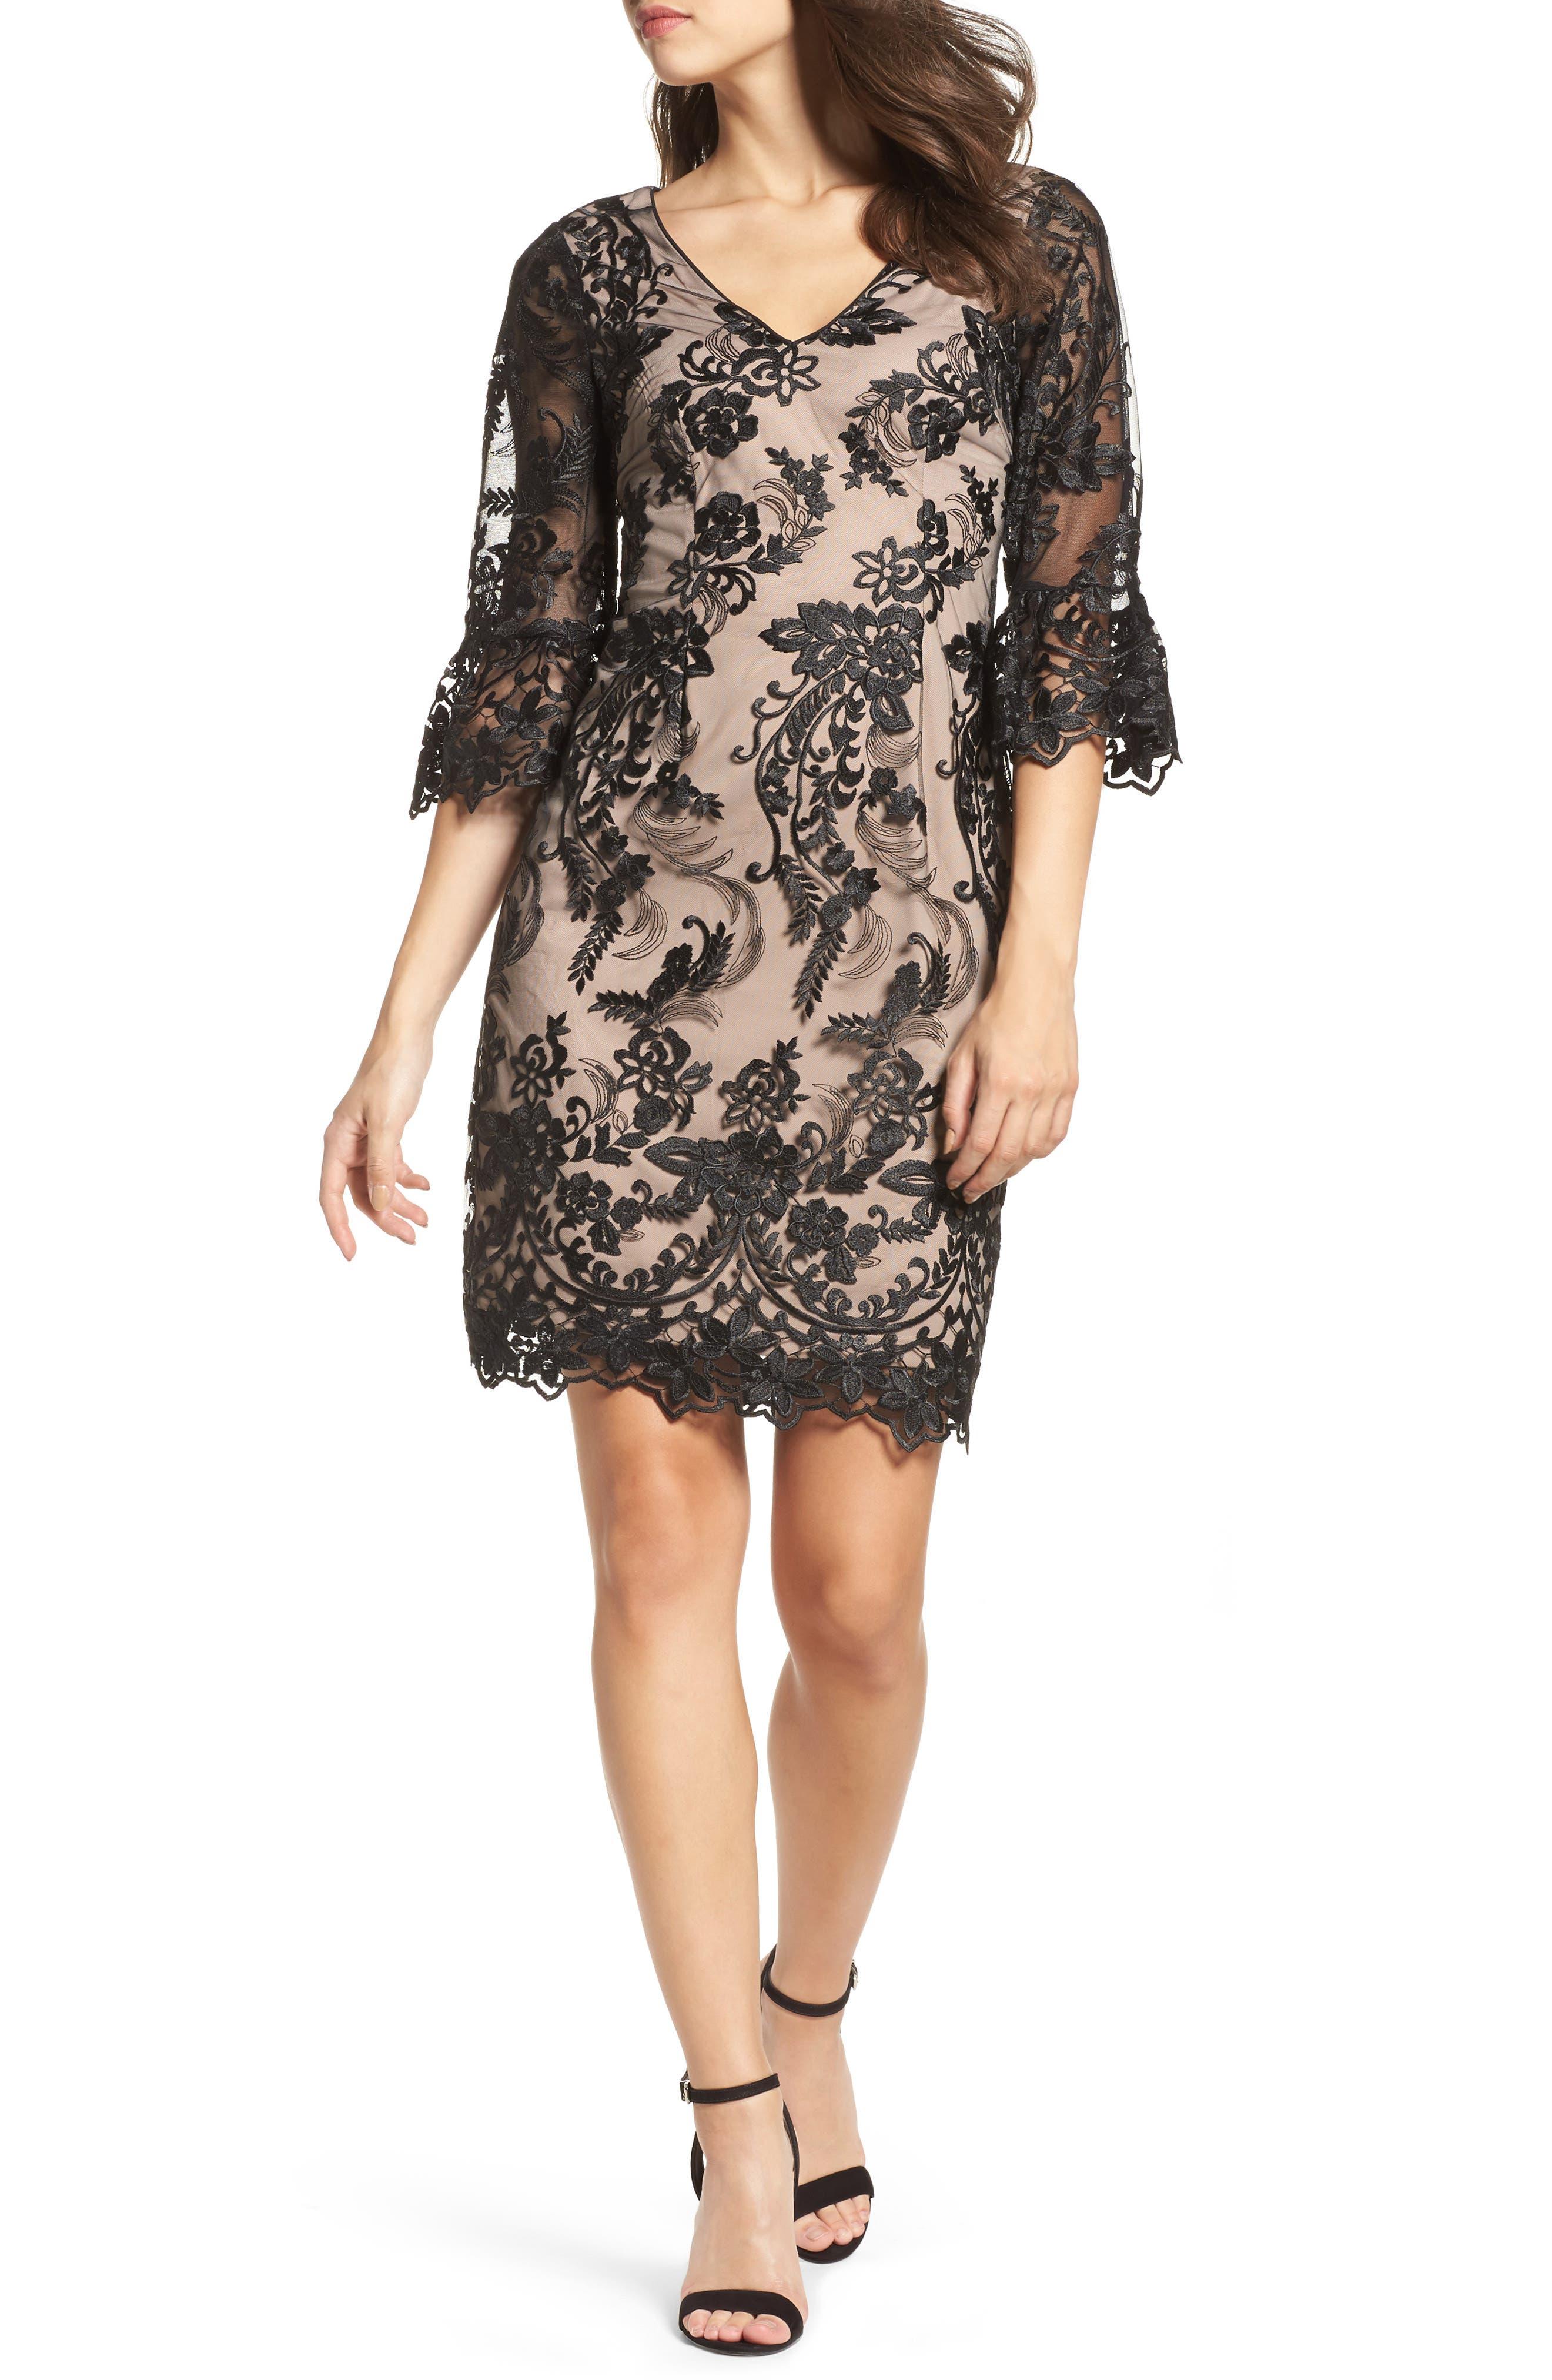 Eillen Embroidered Lace Dress,                         Main,                         color, Black/ Bisque